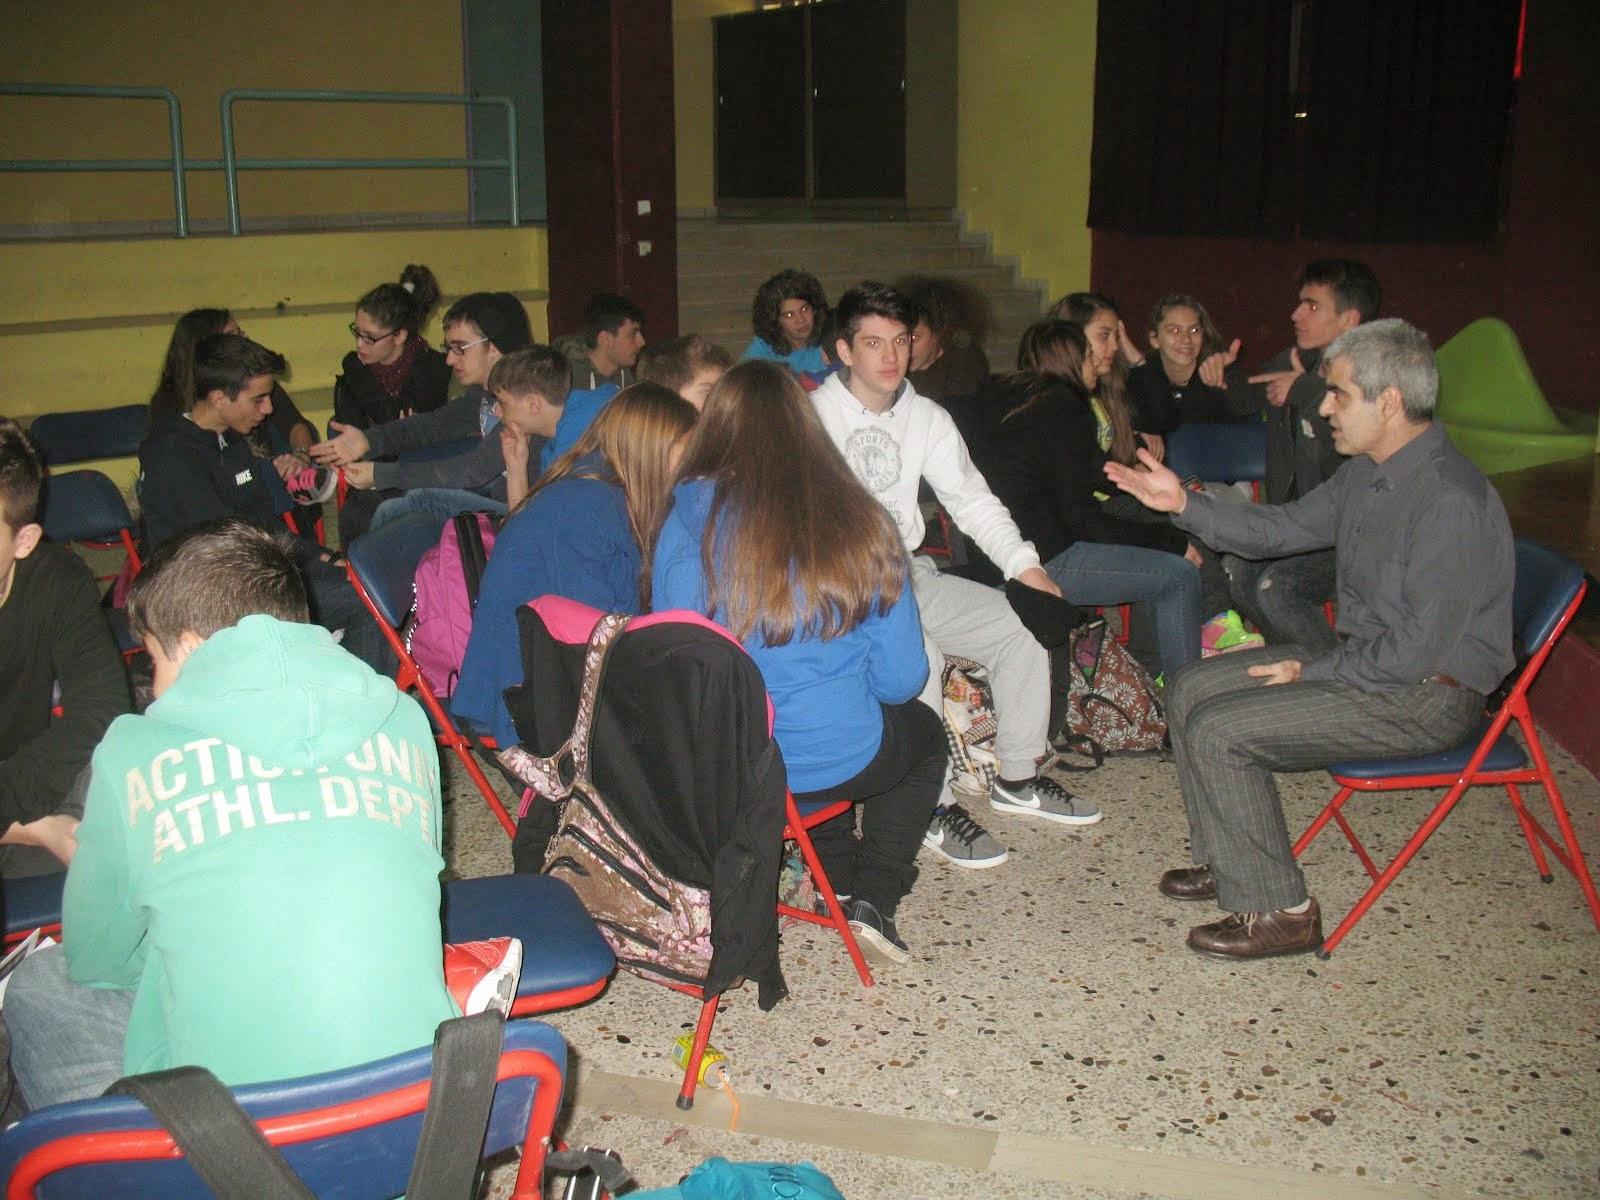 19 Δεκεμβρίου 2014, συνάντηση με το συγγραφέα Βασίλη Παπαθεοδώρου στο σχολείο μας